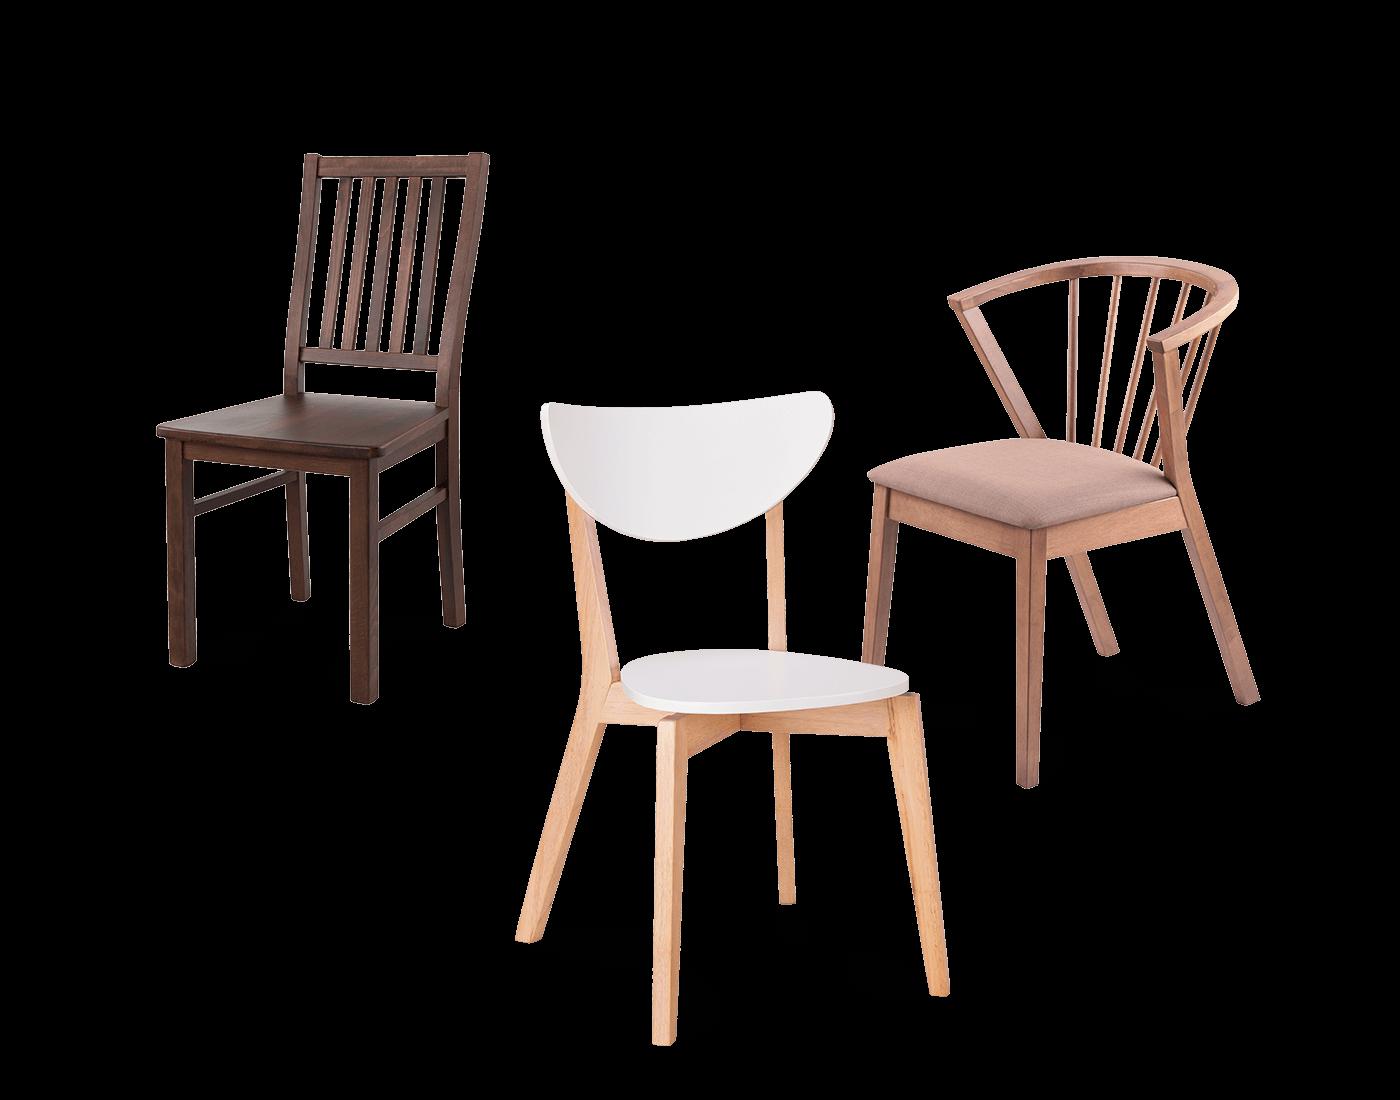 Trasporto sedie  Spedizione mobili a basso costo  Macingo